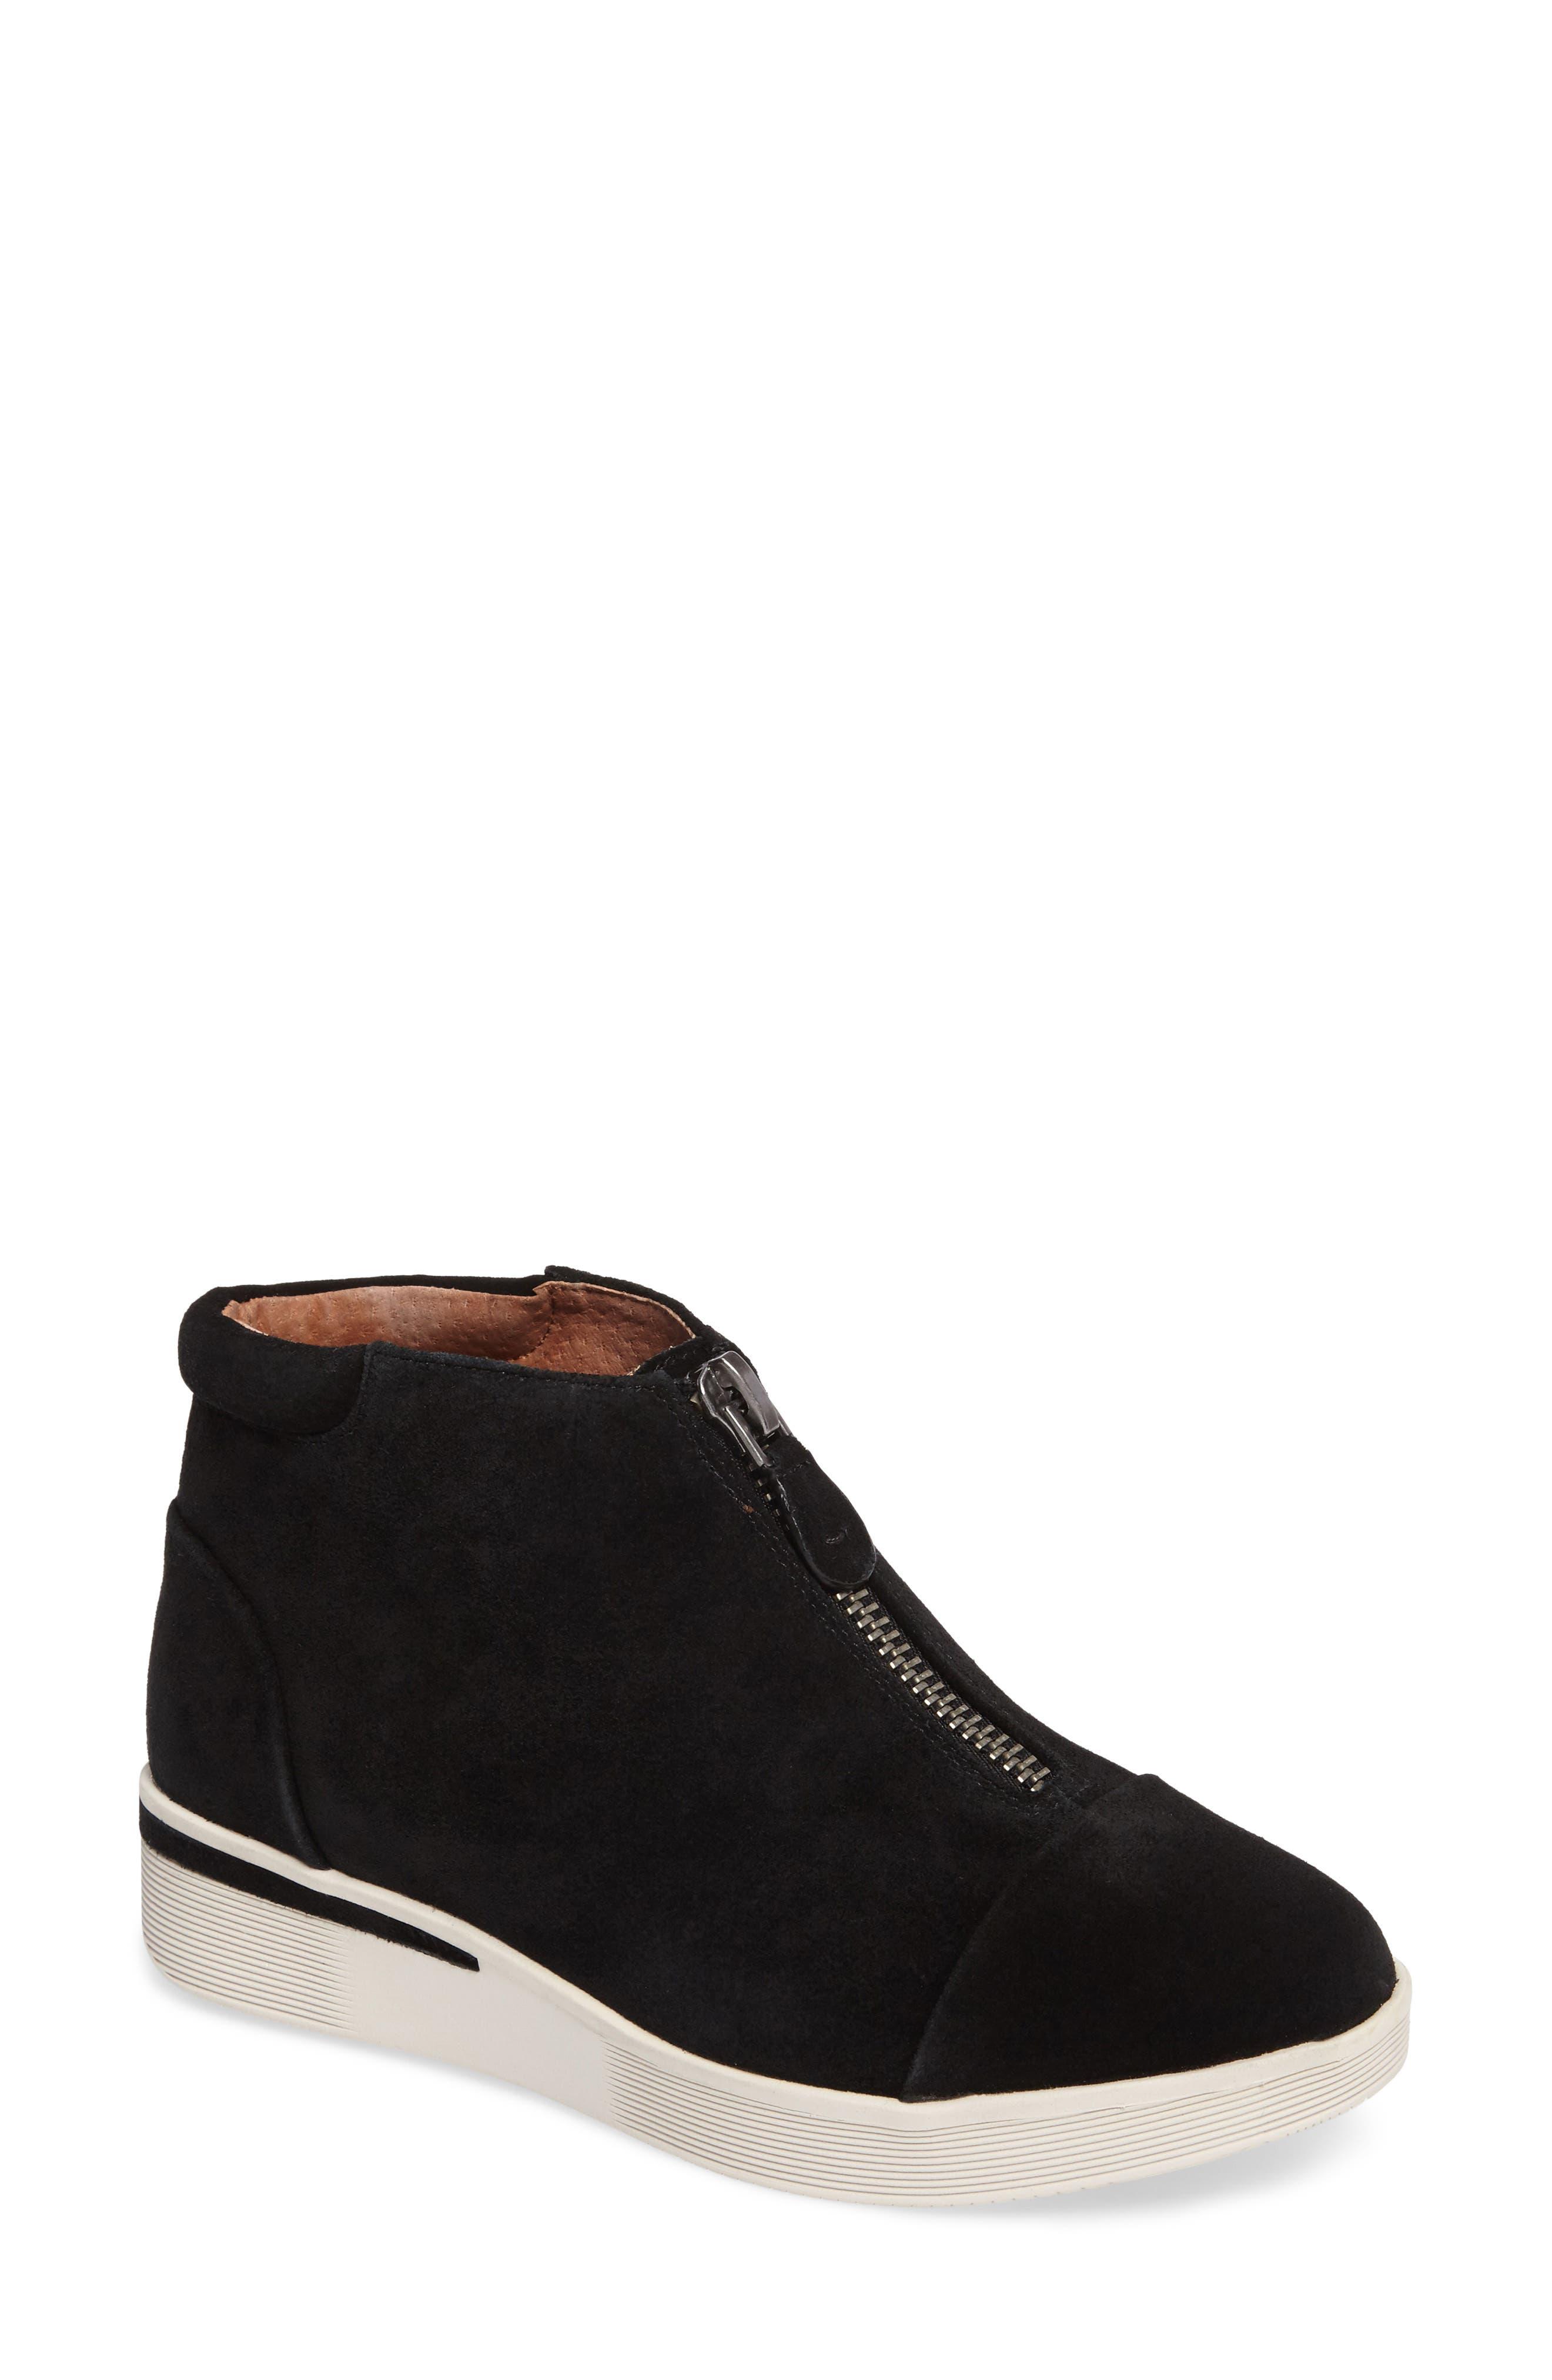 Gentle Souls By Kenneth Cole Hazel Fay High Top Sneaker, Black